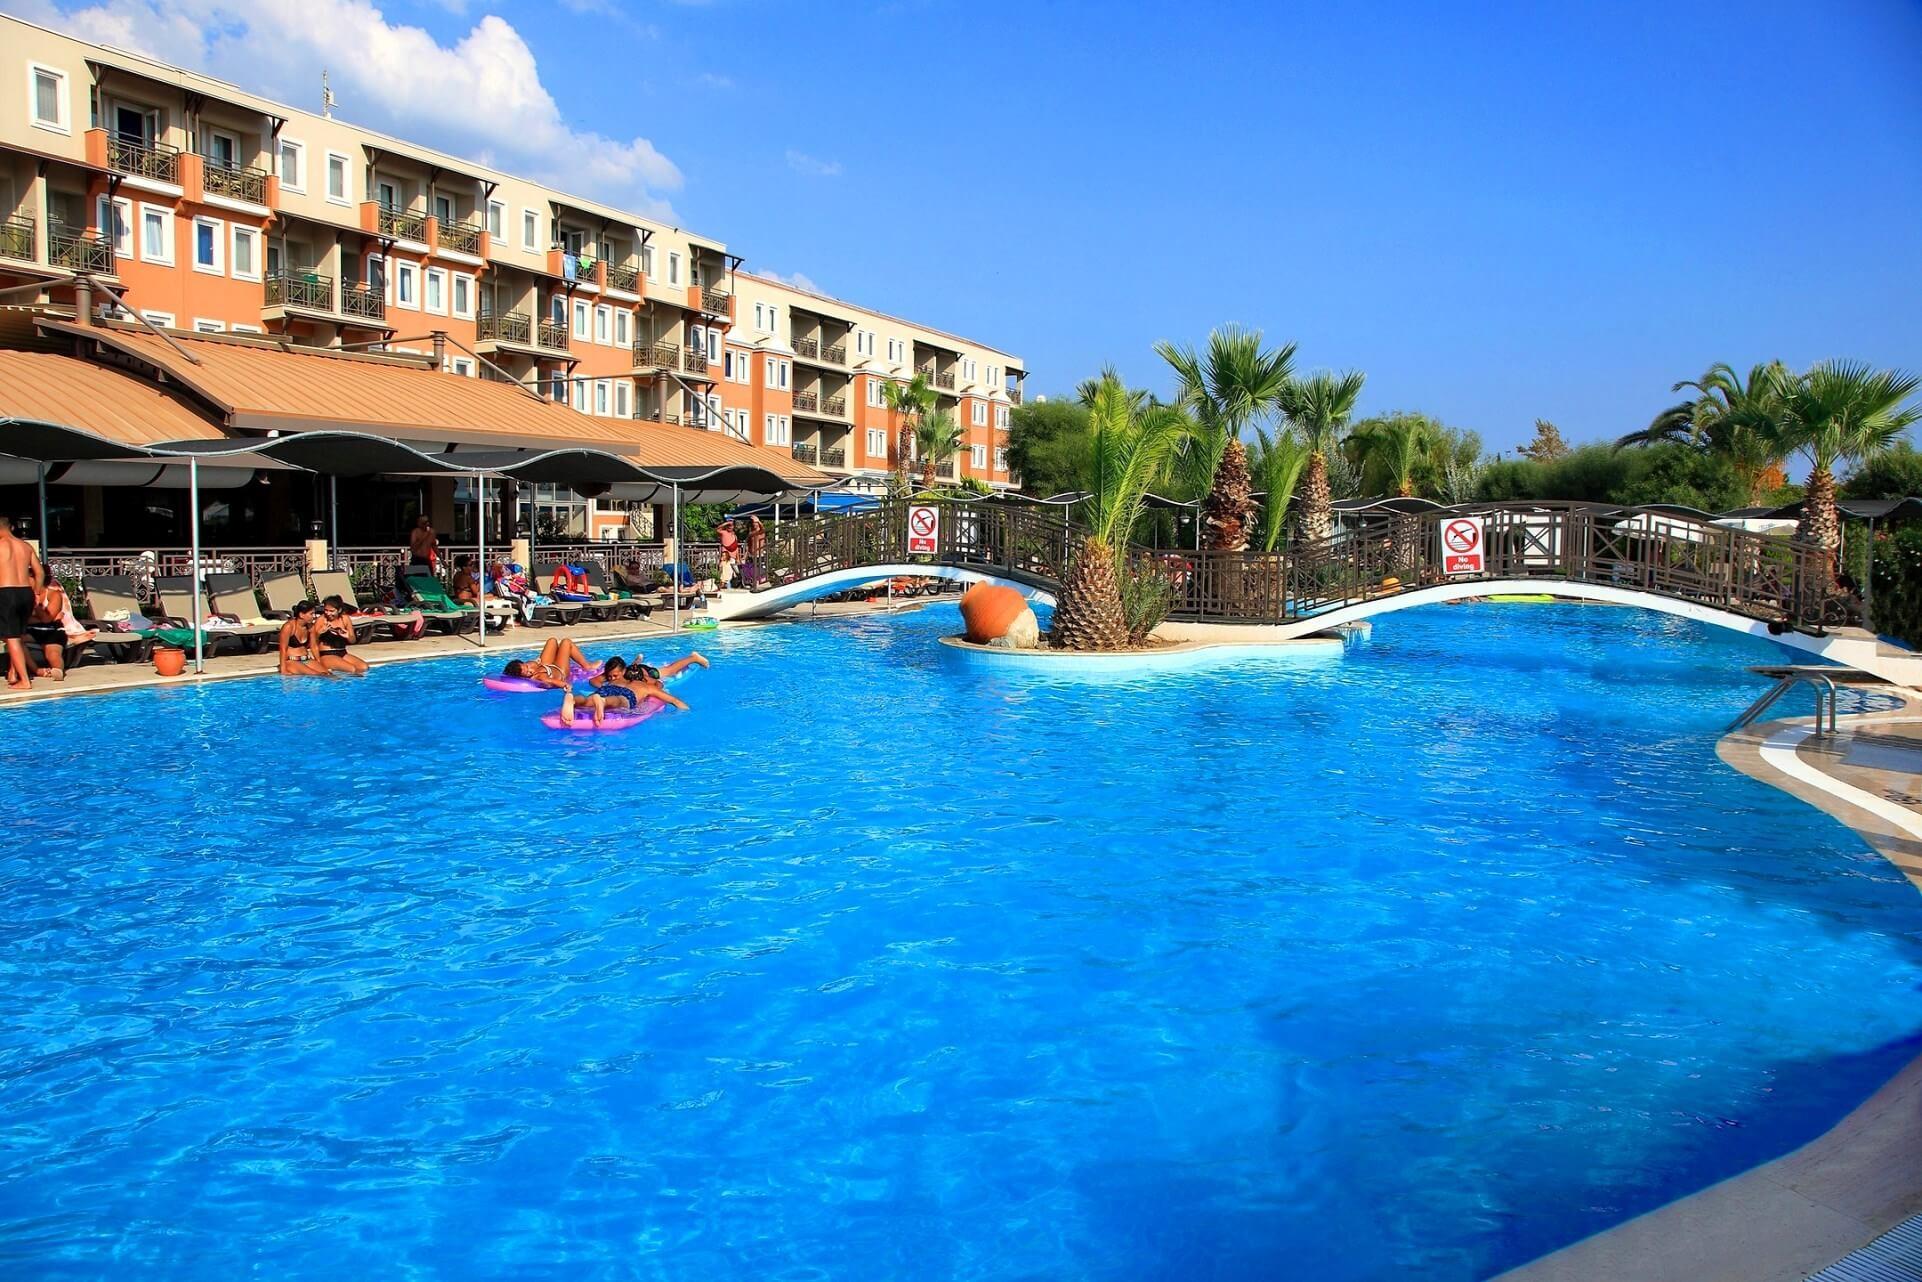 Cactus Club Yalı & Resort - басейн